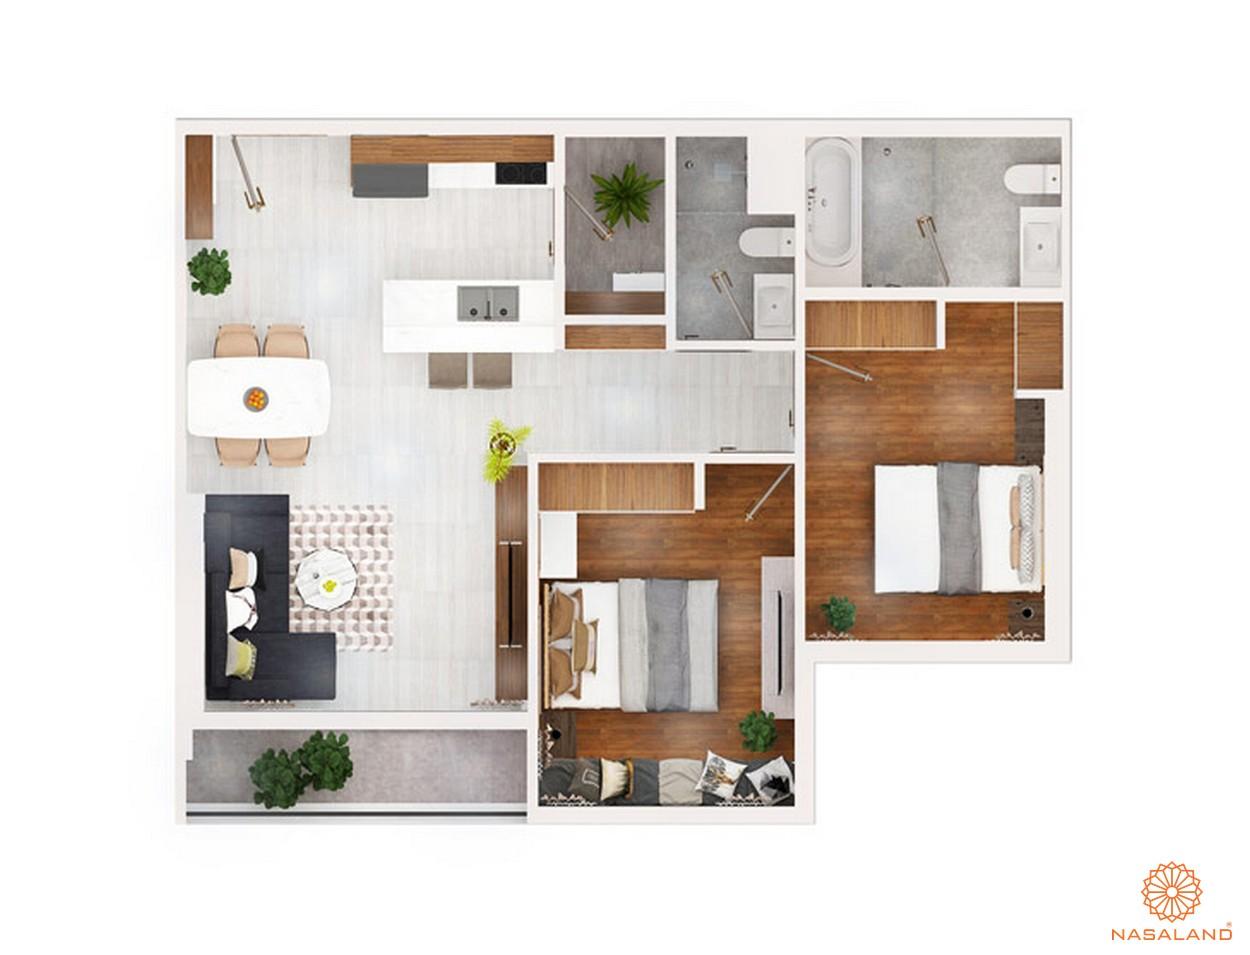 thiết kế chi tiết căn hộ 2 PN ~ 72m2 dự án chung cư Kingdom 101 quận 10